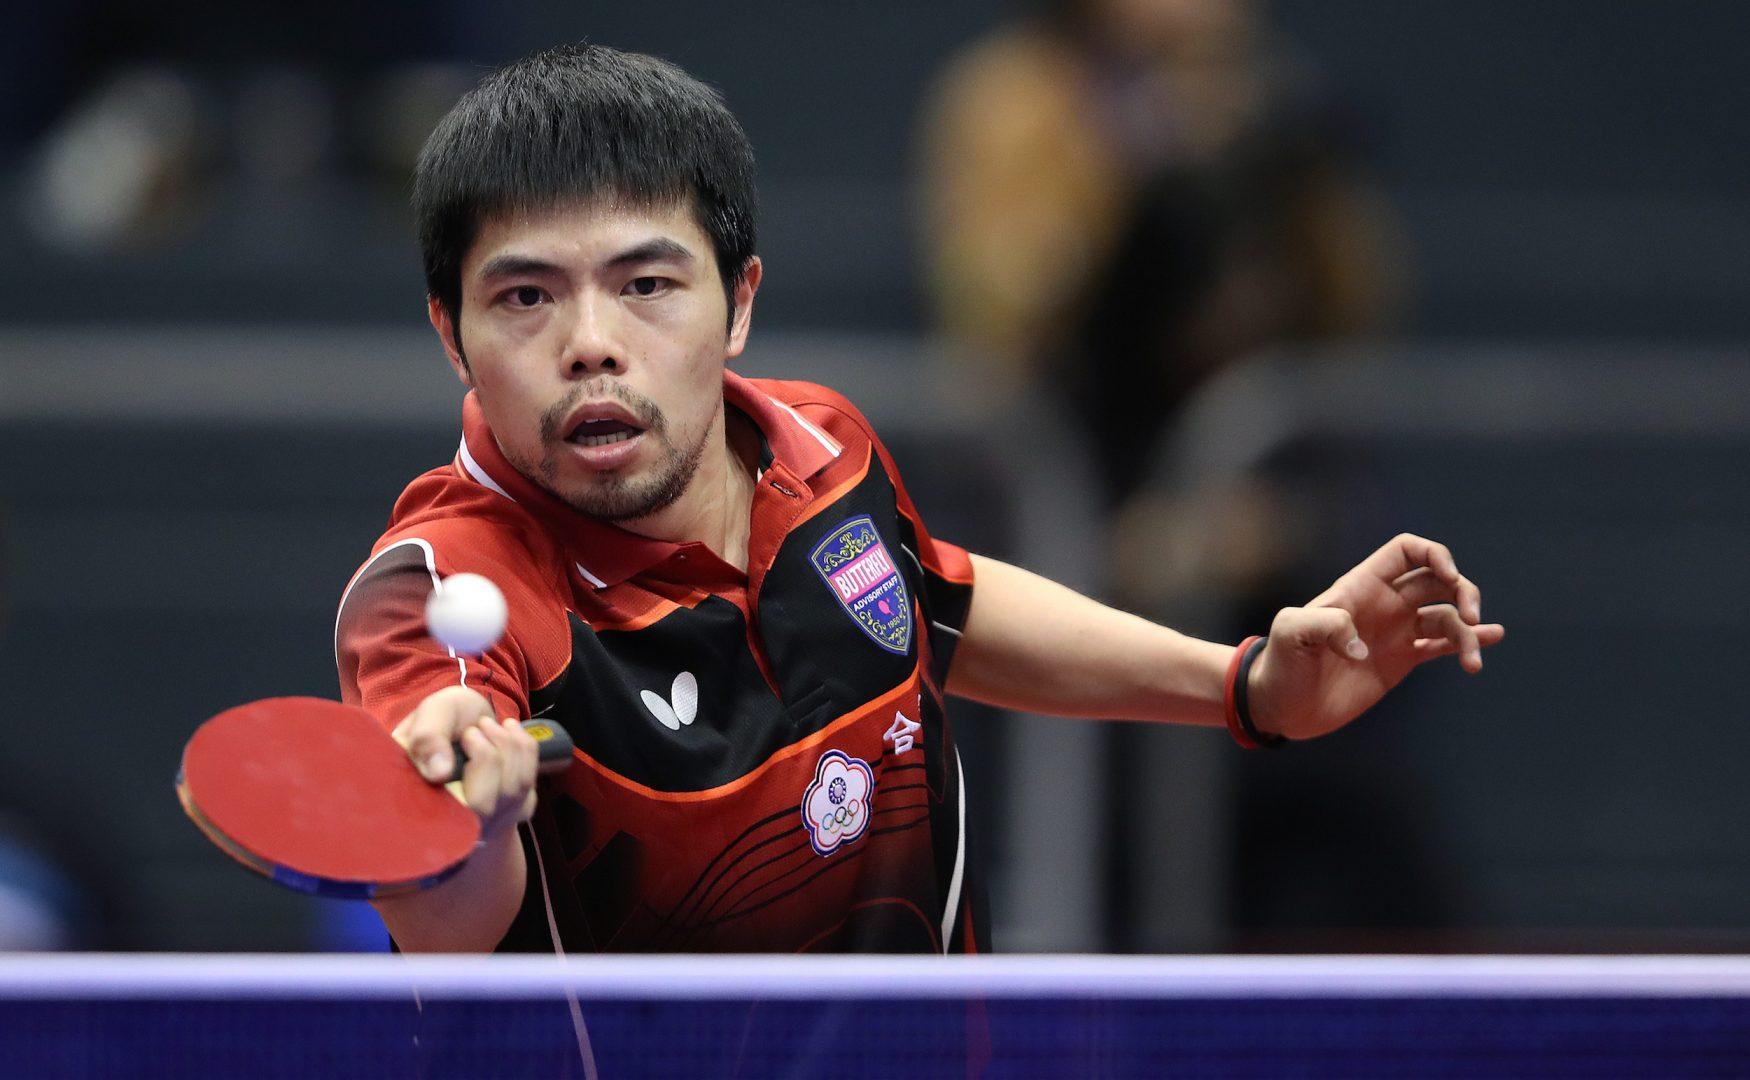 【特報】卓球・Tリーグ 琉球アスティーダが荘智淵を獲得へ